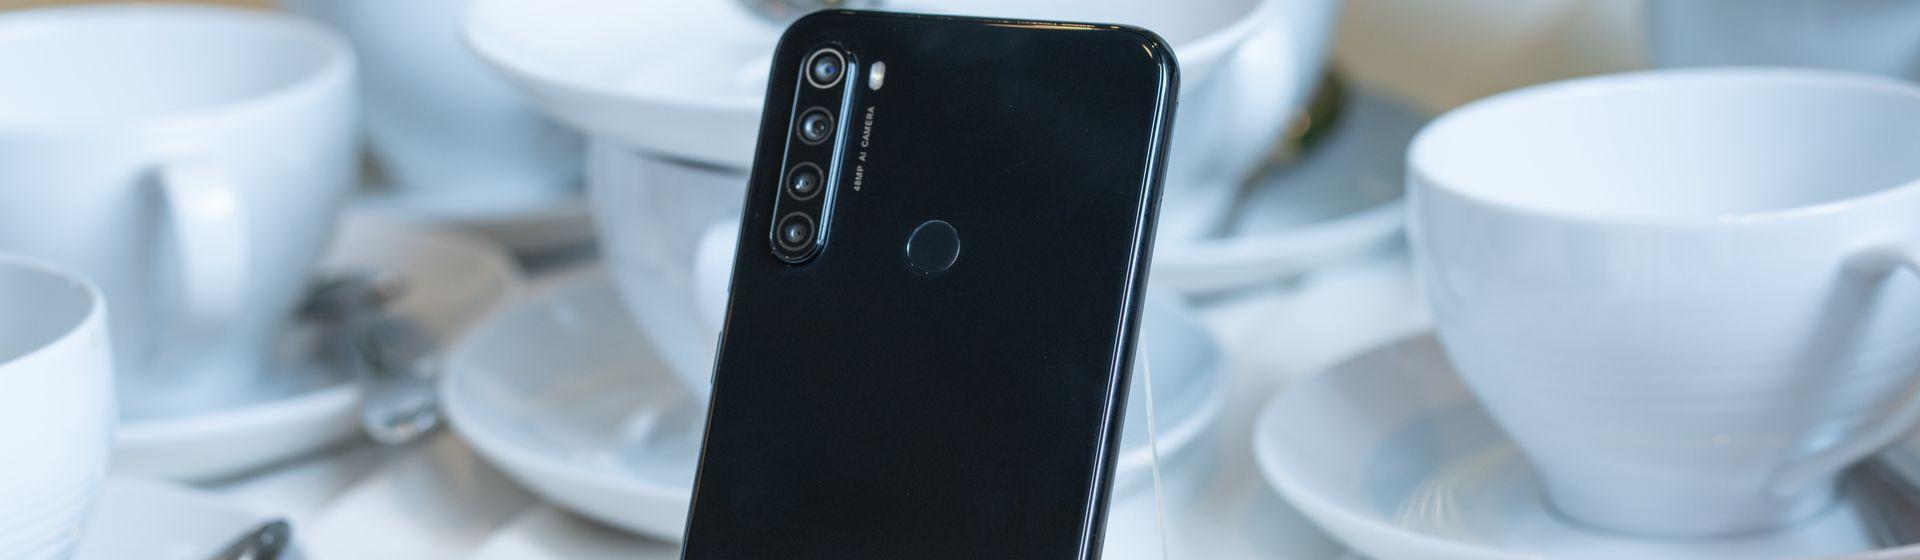 Melhores celulares até 1500: veja modelos para comprar